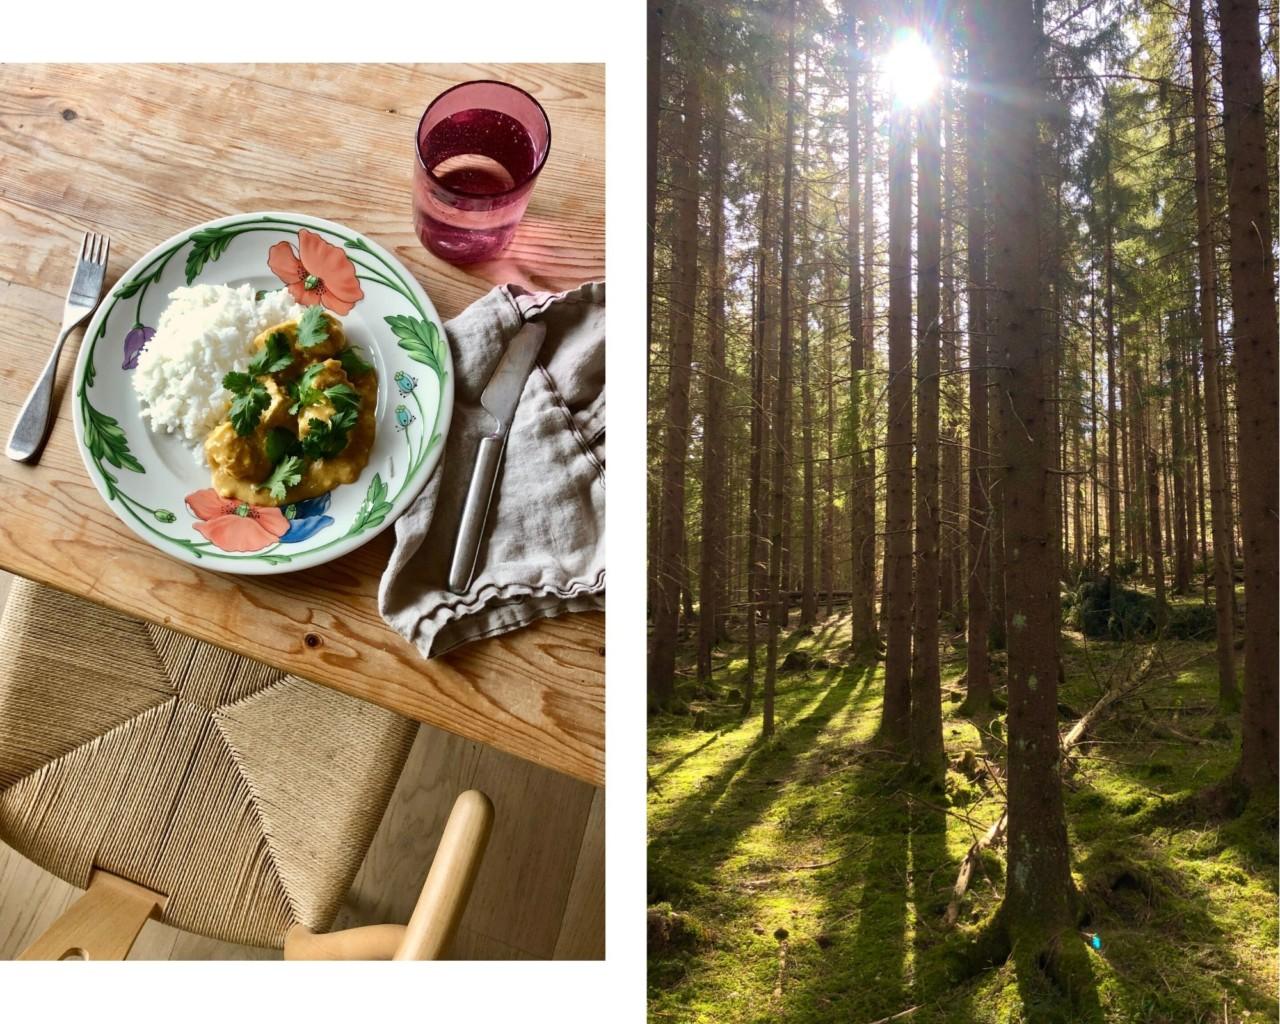 paneer-middag-gronn-skog-ro-karantene-korona-nesodden